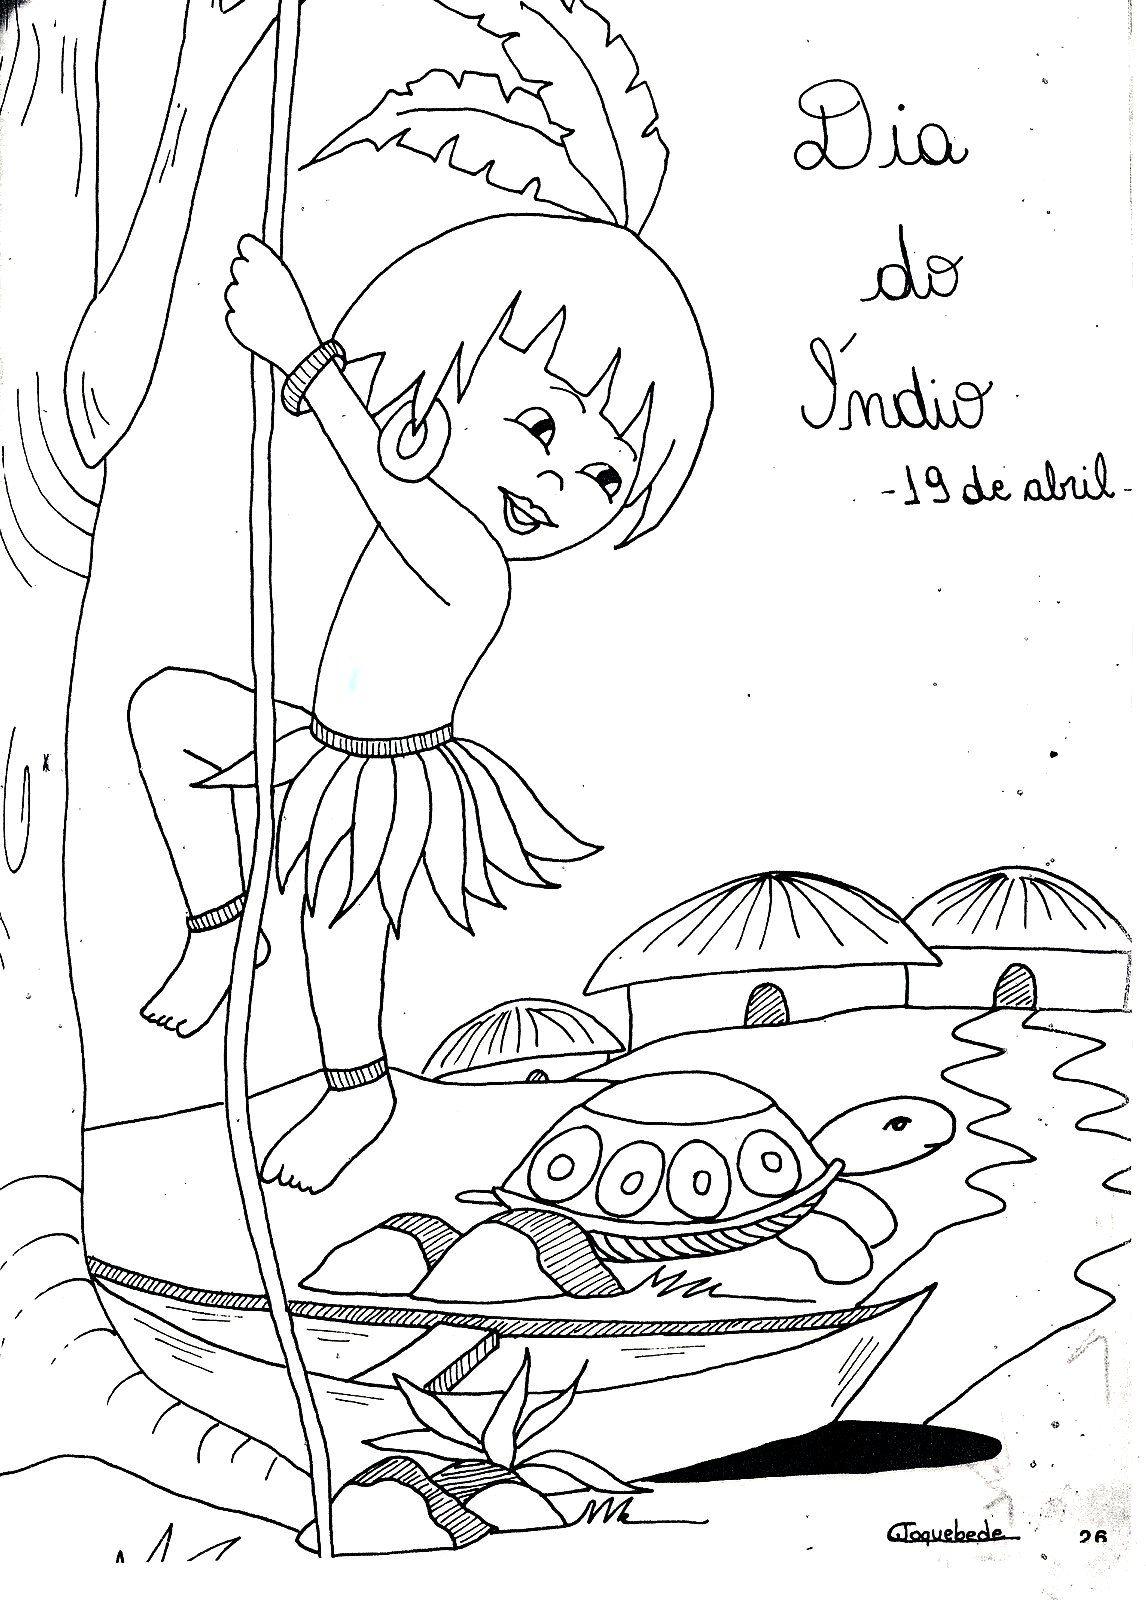 10 Desenhos Para O Dia Do Indio 19 De Abril Em 2020 Dia Do